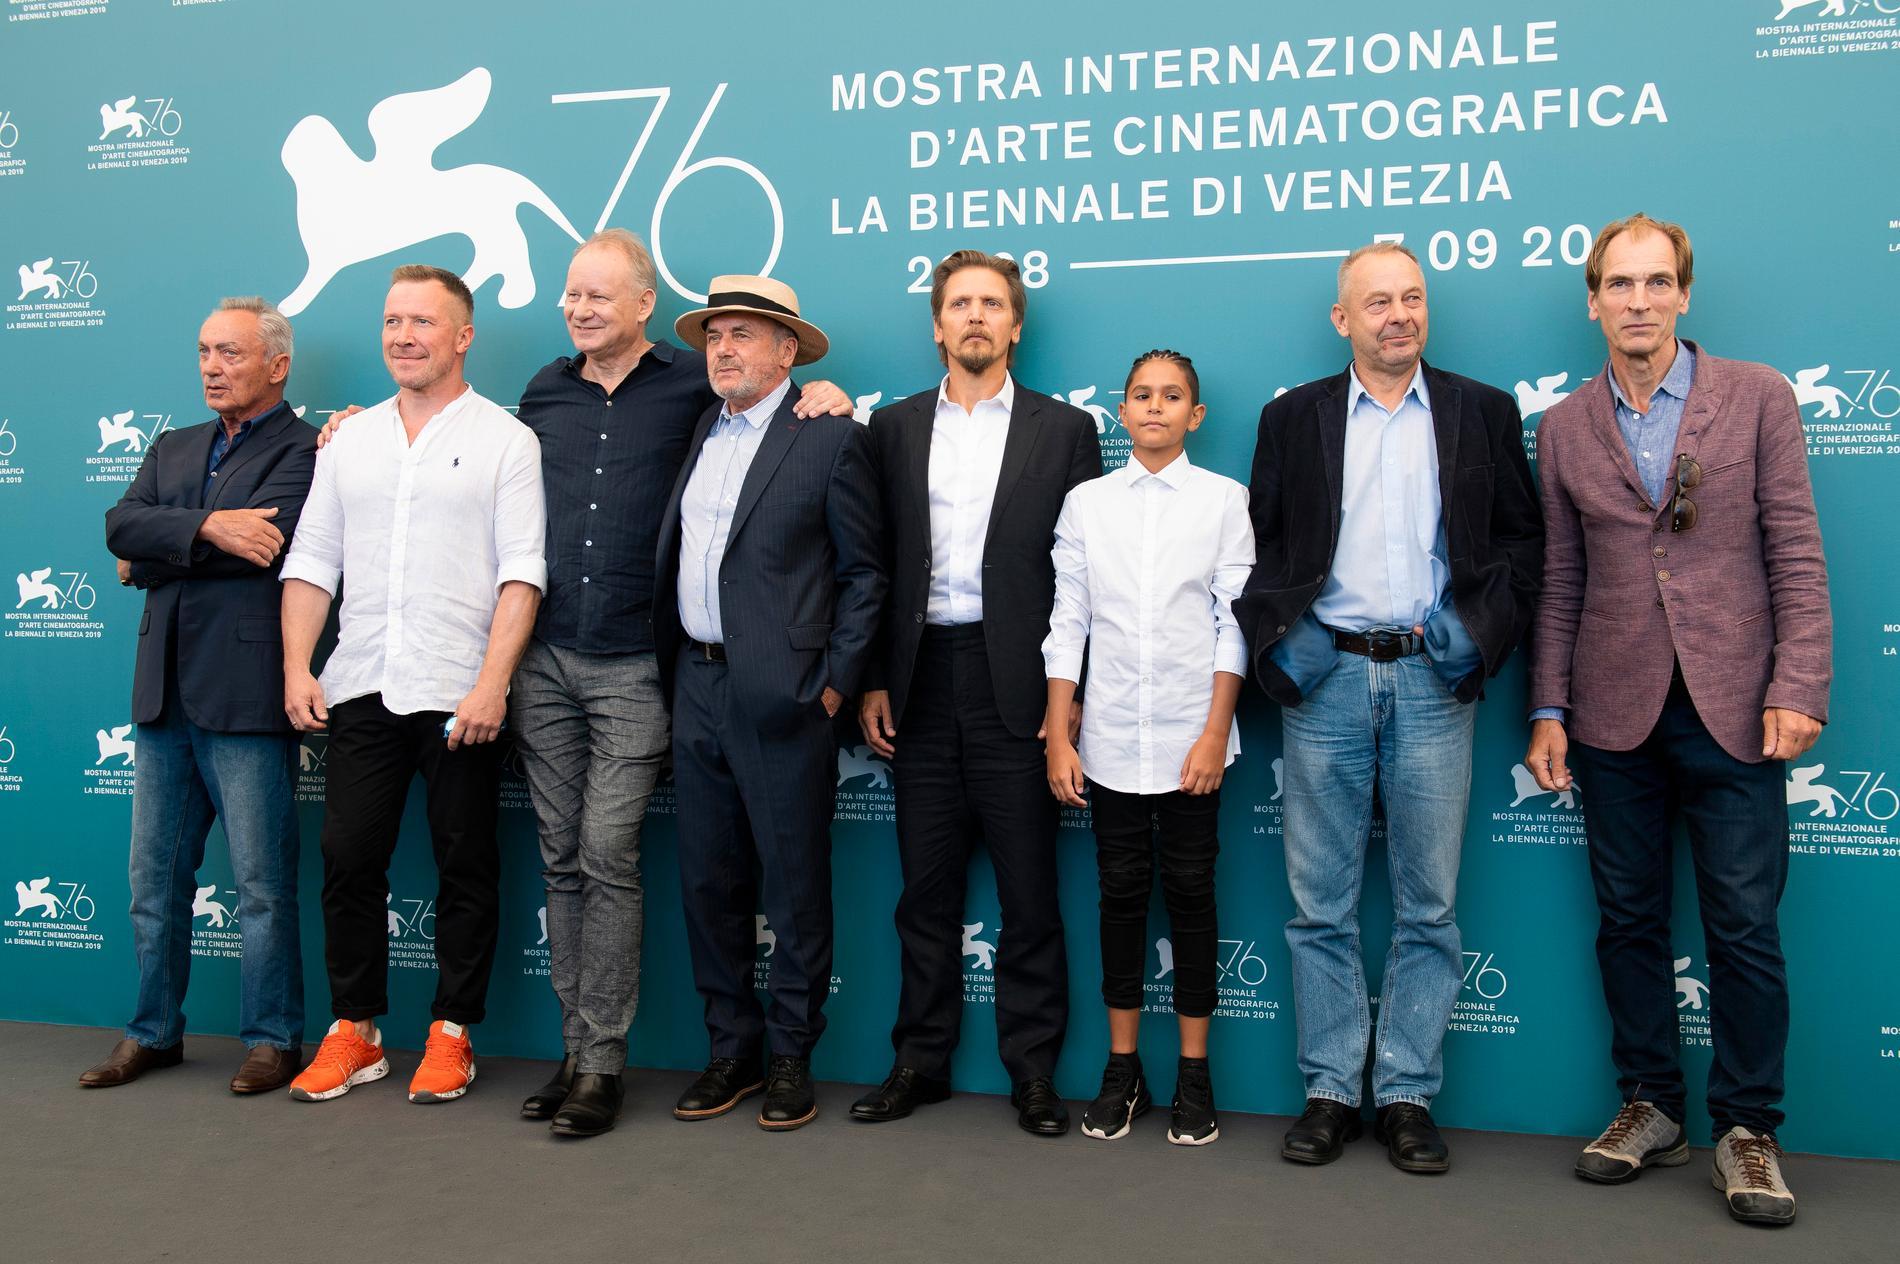 Gänget bakom The Painted Bird på filmfestivalen i Venedig 2019. Vaclav Marhoul står näst längst till höger.